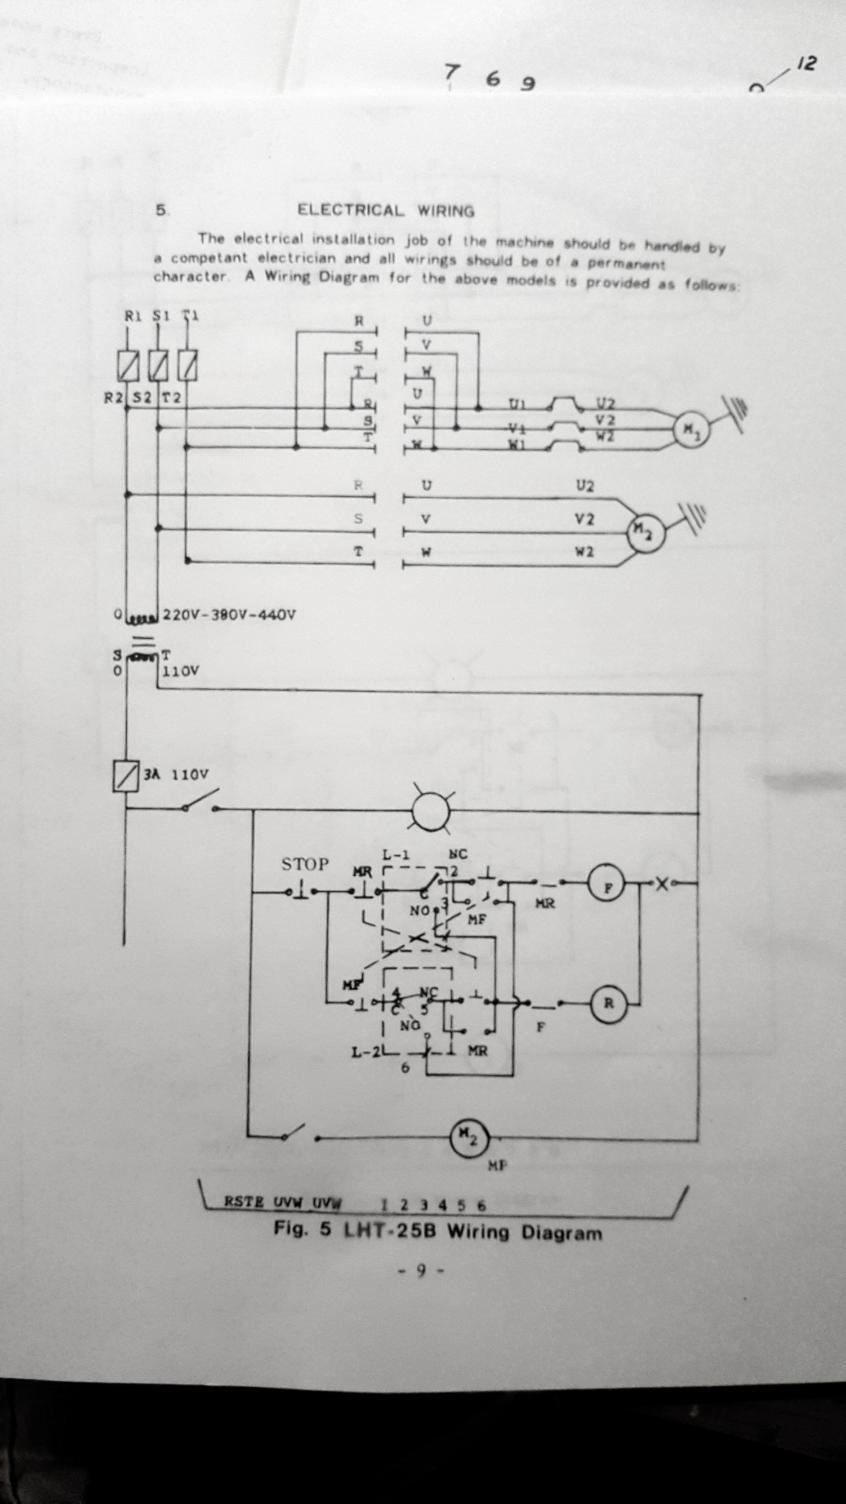 Hitachi Wj200 Vfd Controls On A Lht 25b Turret Lathe